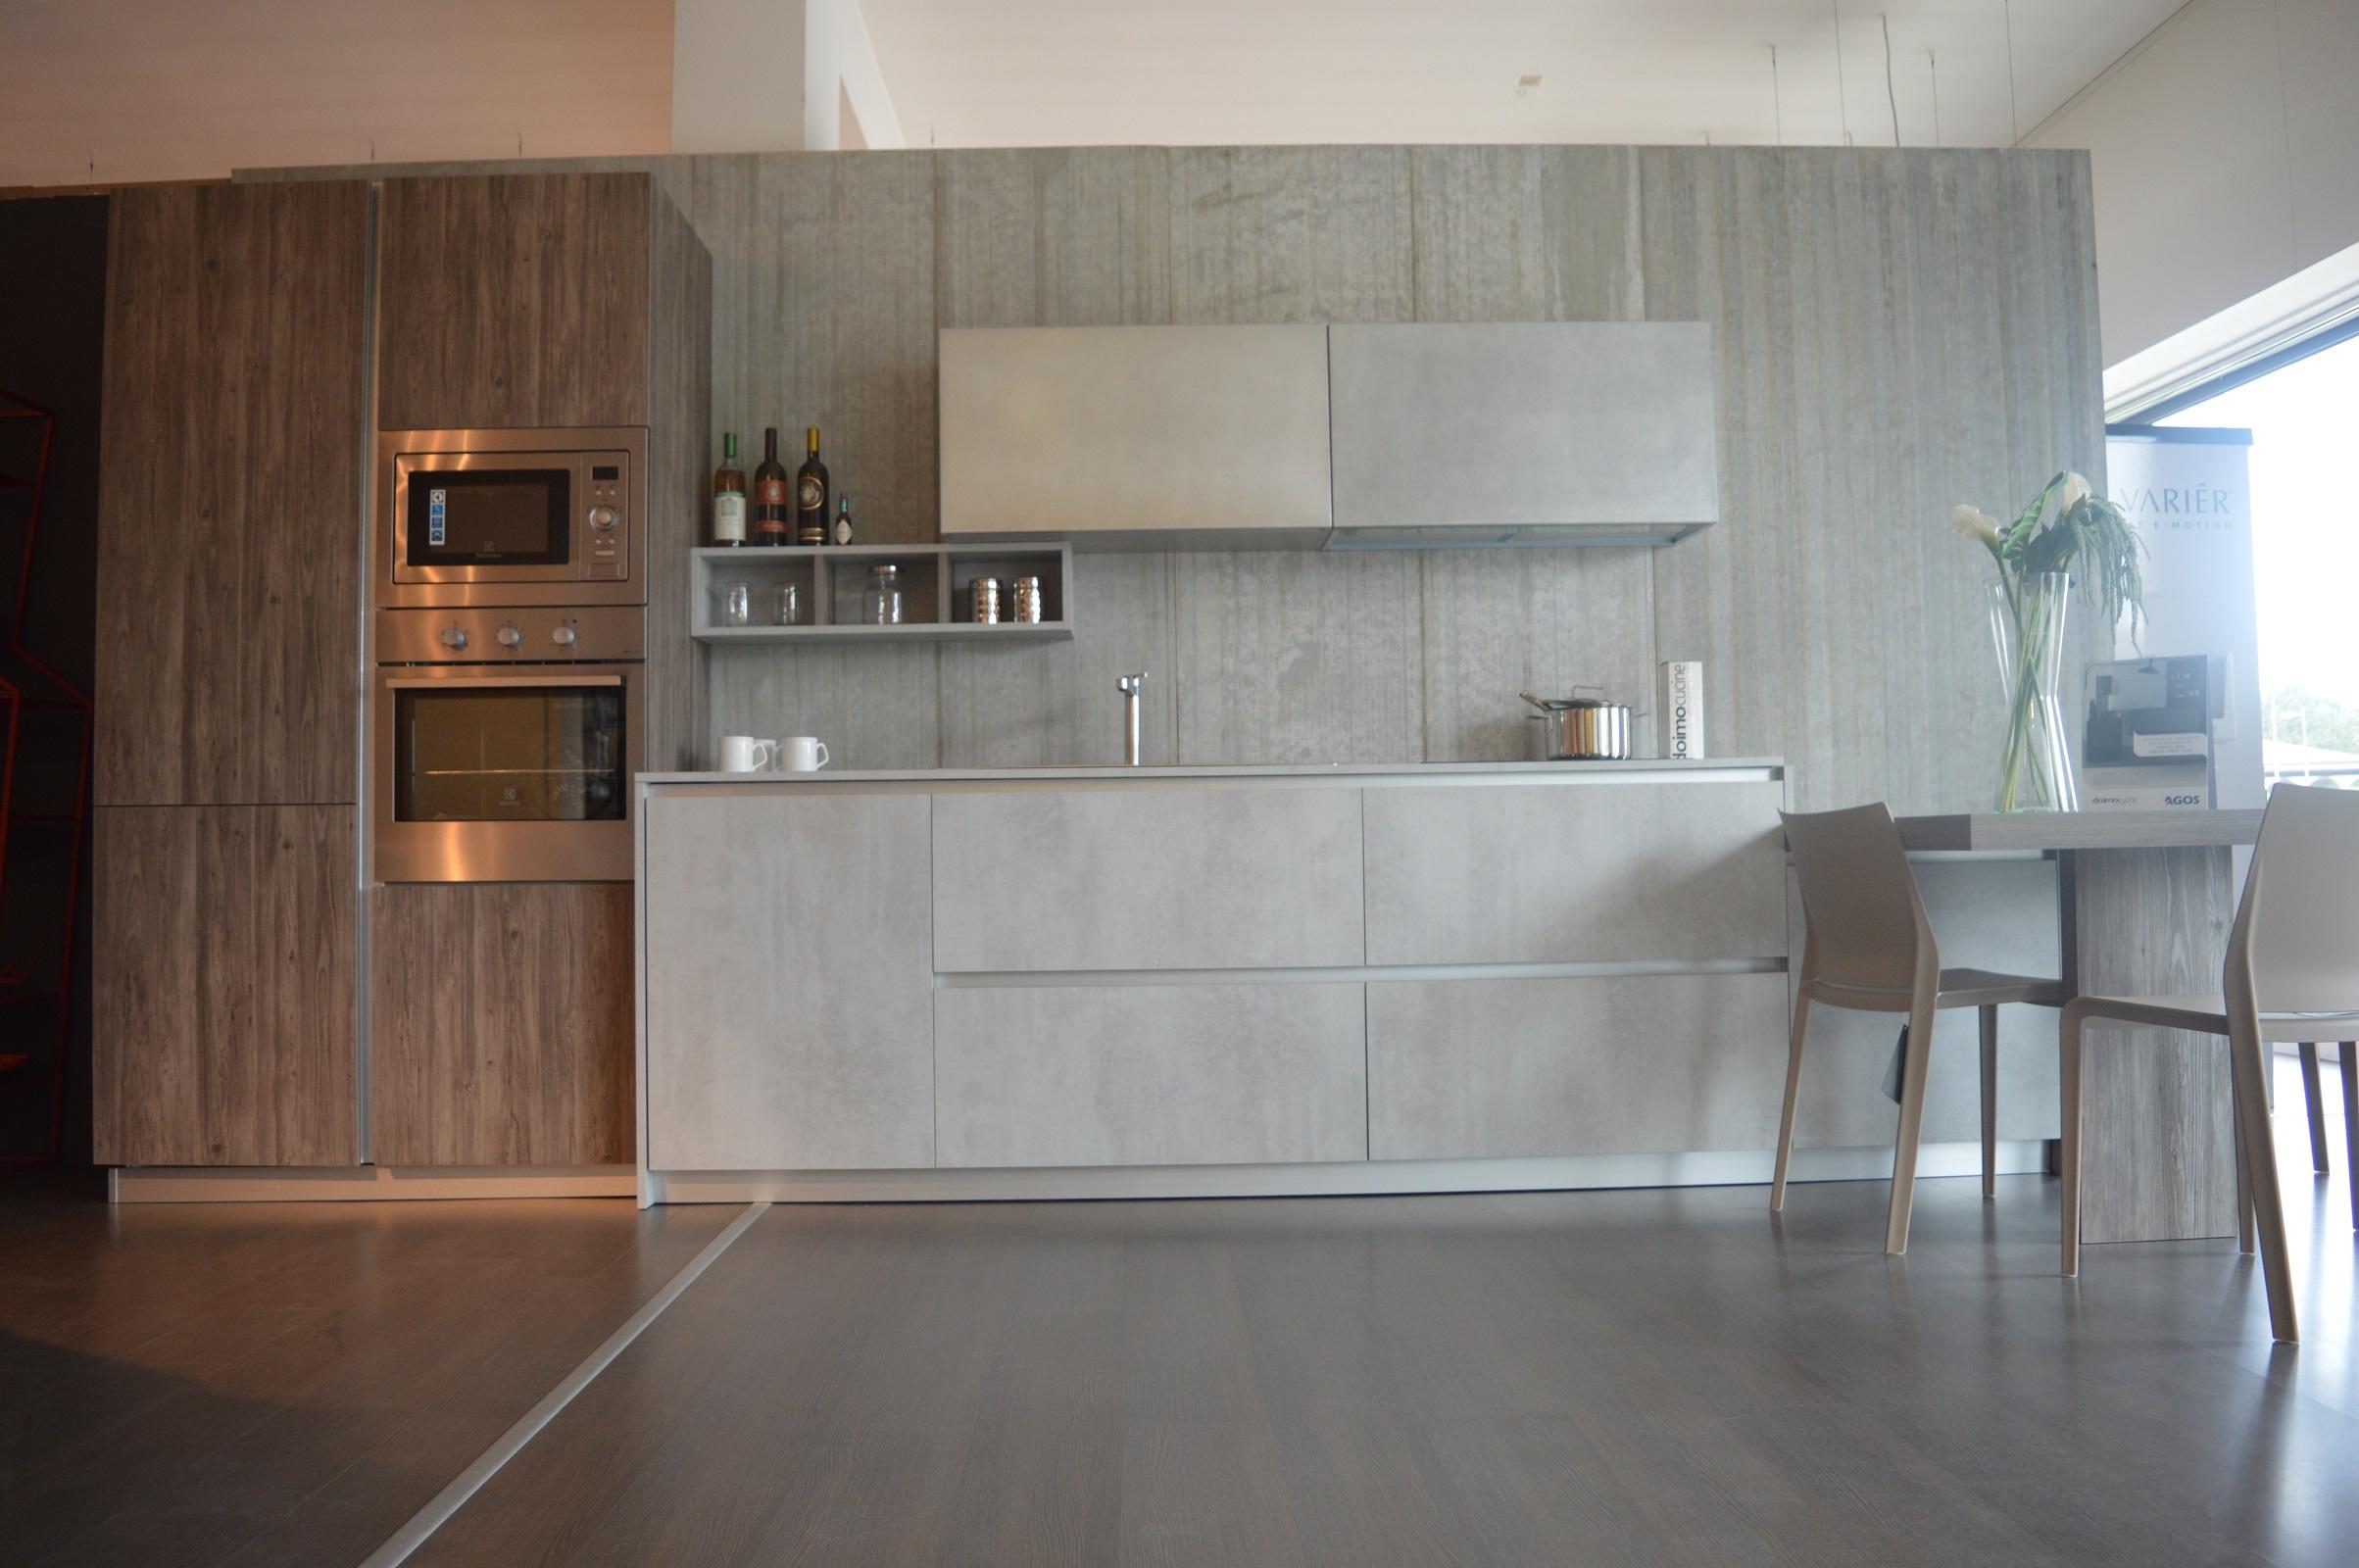 Cucine Doimo - Home Design E Interior Ideas - Refoias.net